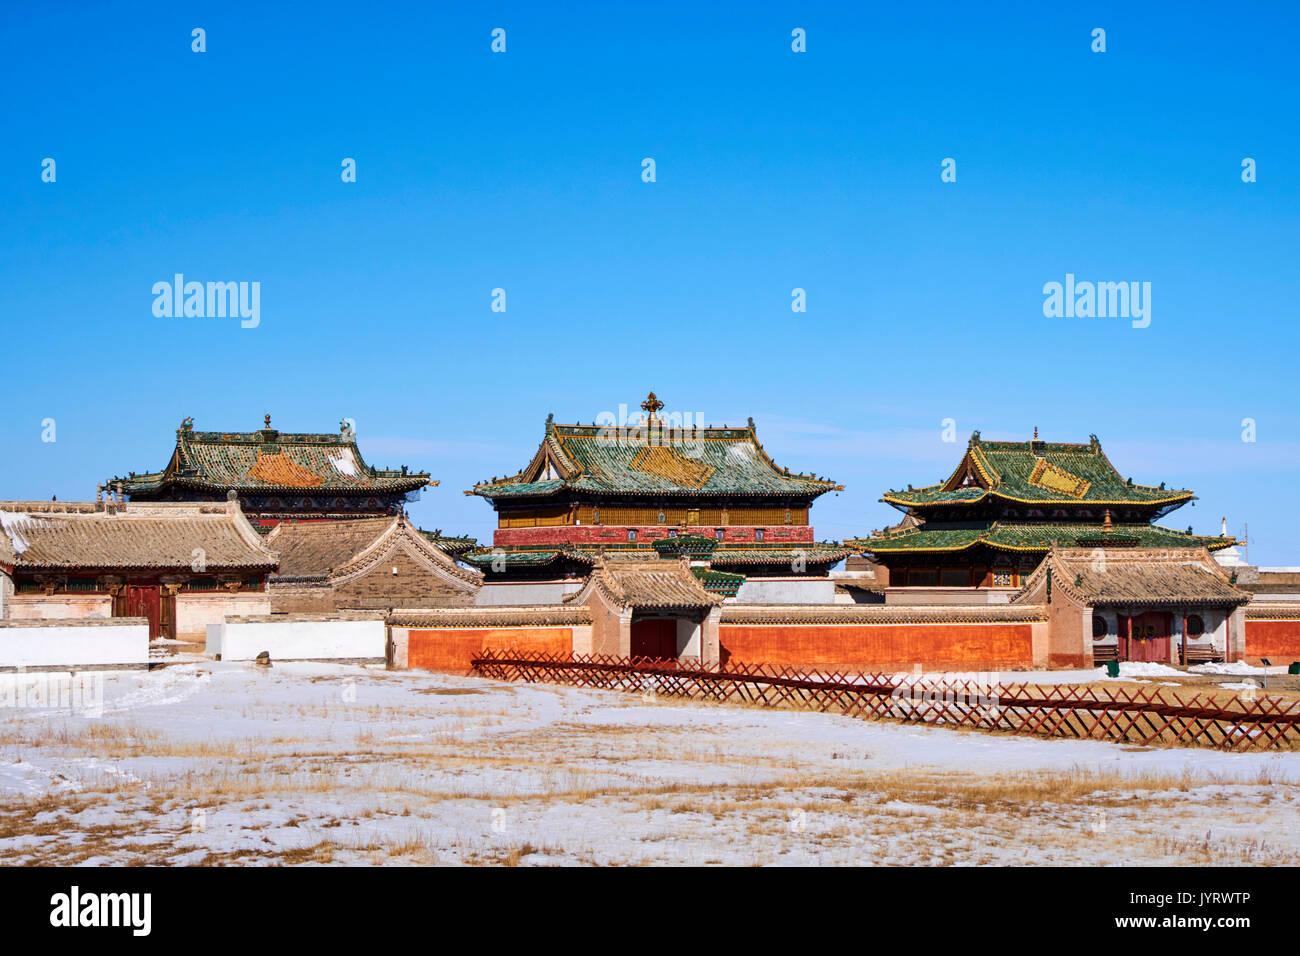 Mongolia, Ovorkhangai, Kharkhorin, Erdene Zuu Monastery, Orkhon valley, Unesco world heritage - Stock Image